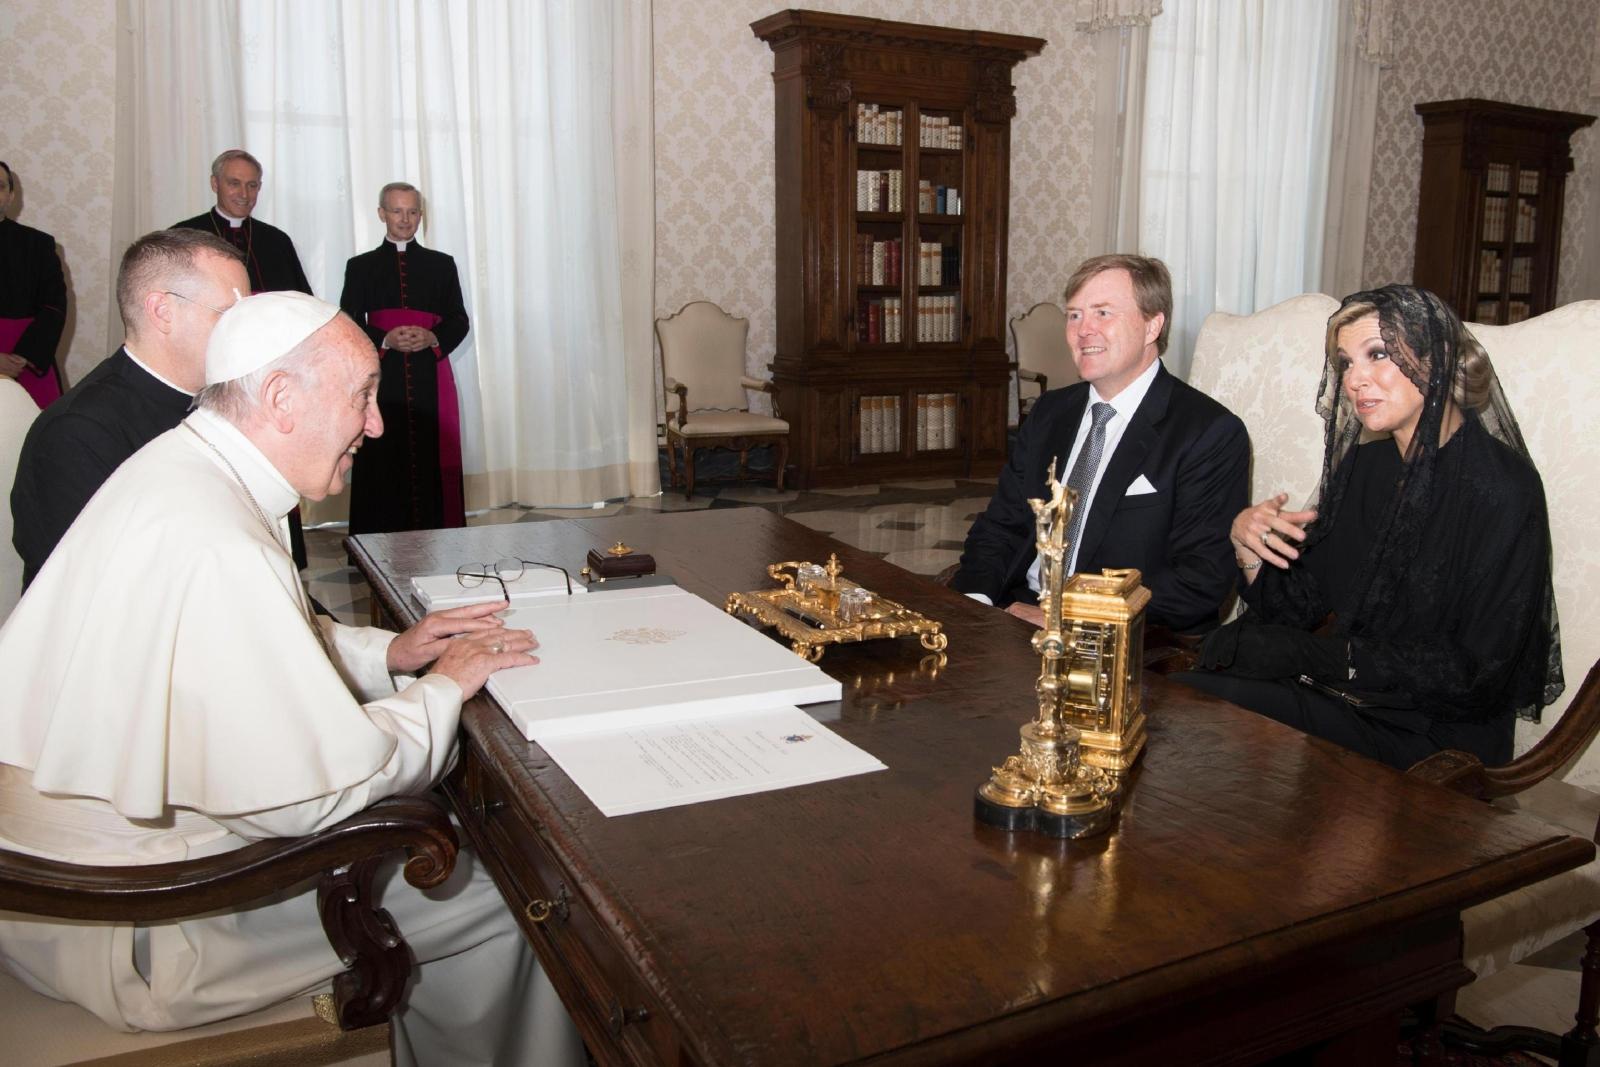 Wizyta holenderskiej pary królewskiej u papieża Franciszka. Fot. EPA/OSSERVATORE ROMANO/HANDOUT  HANDOUT EDITORIAL USE ONLY/NO SALES Dostawca: PAP/EPA.